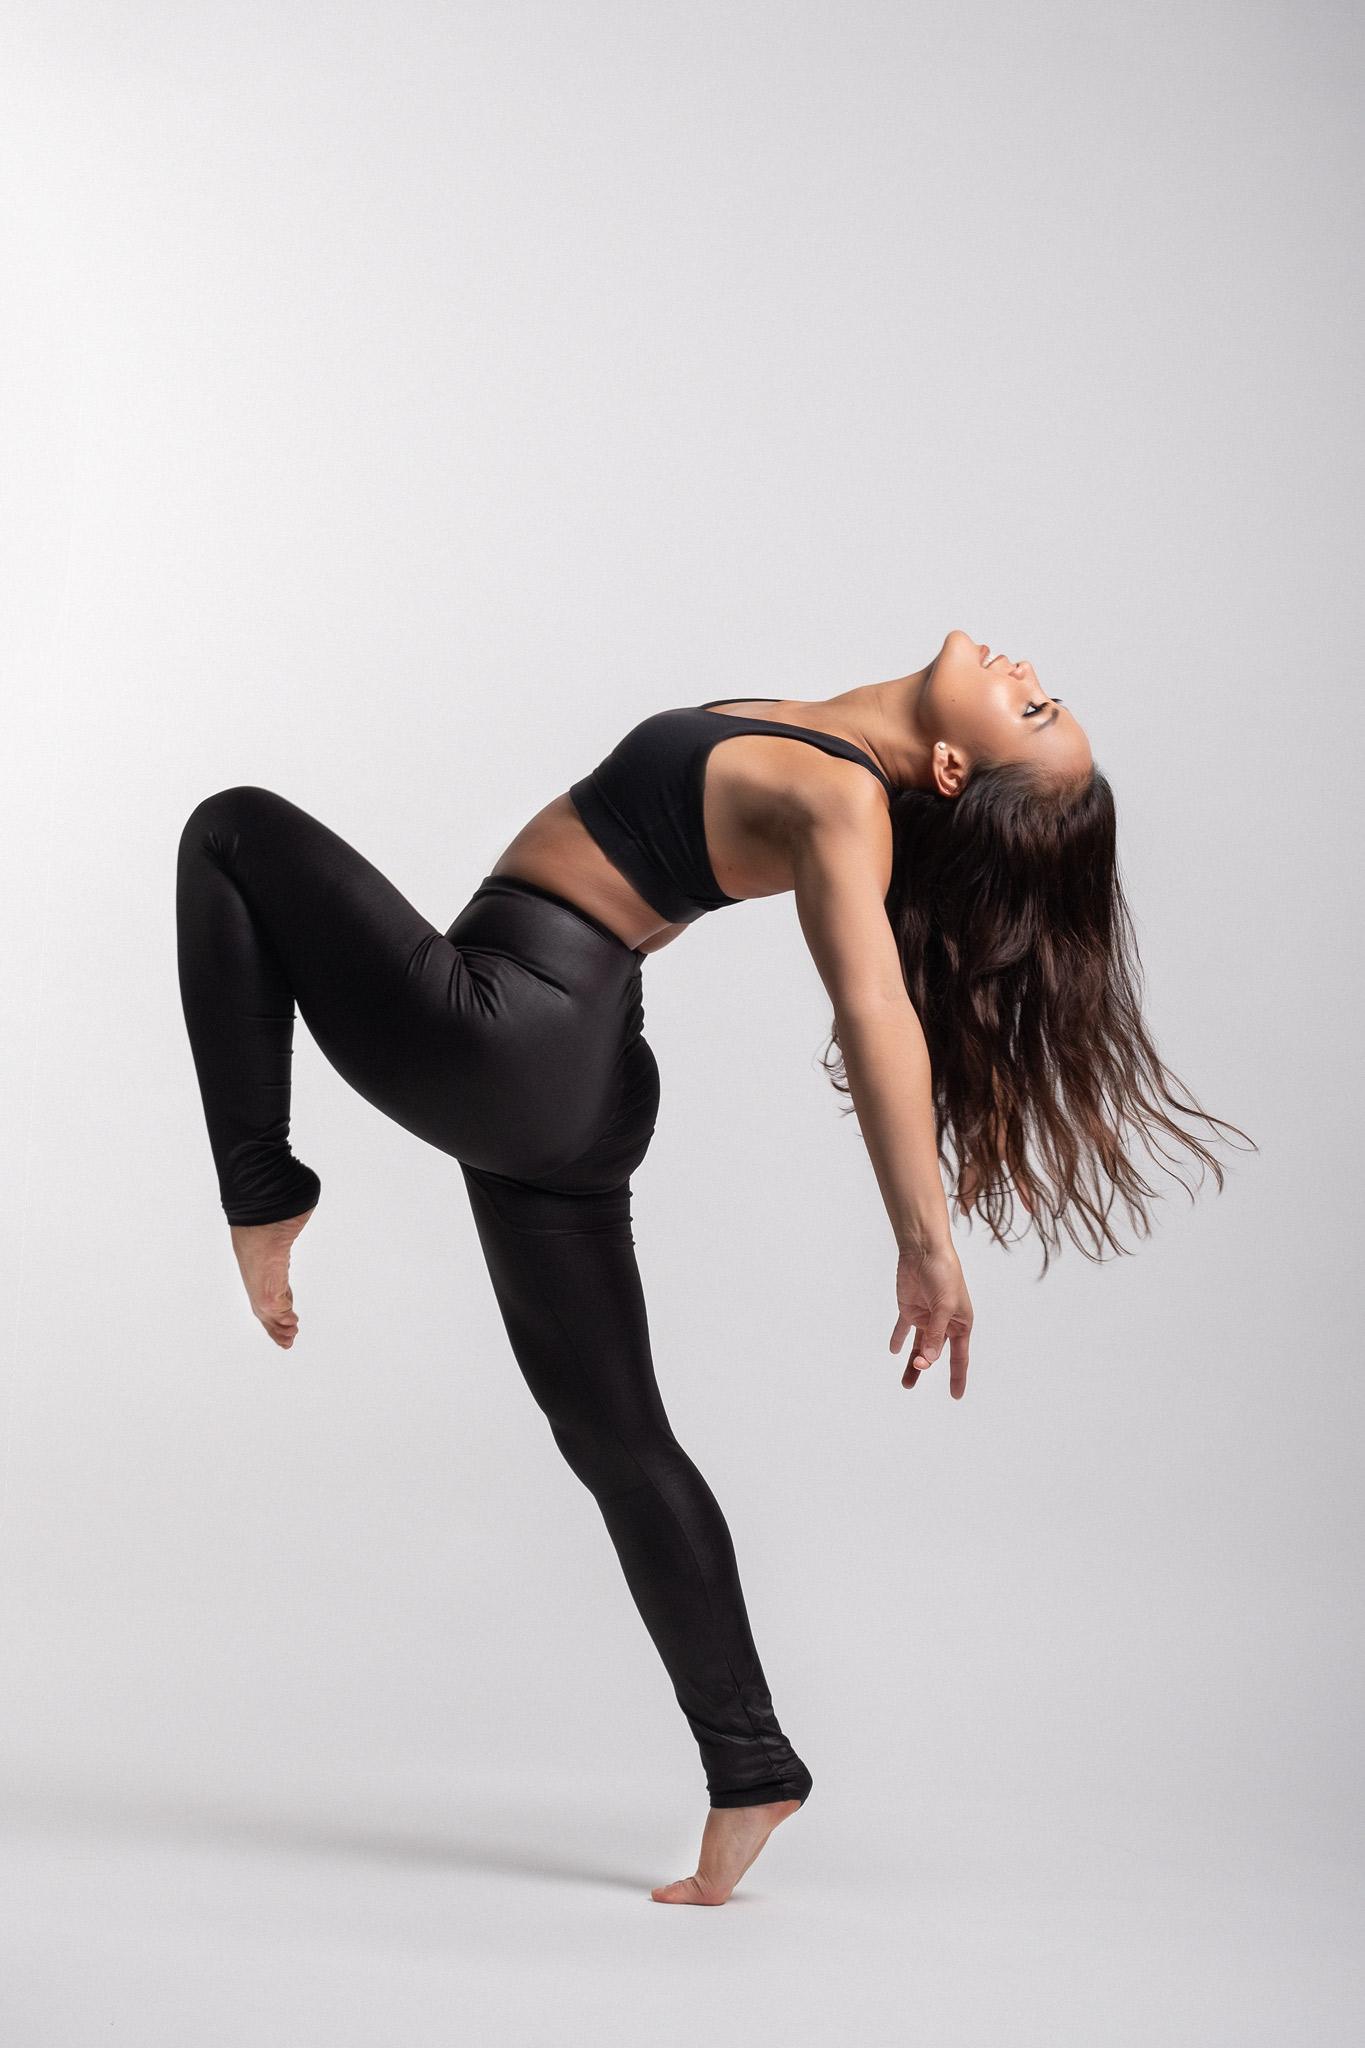 2018_10_18_Jessica_Dancer_02_web.jpg